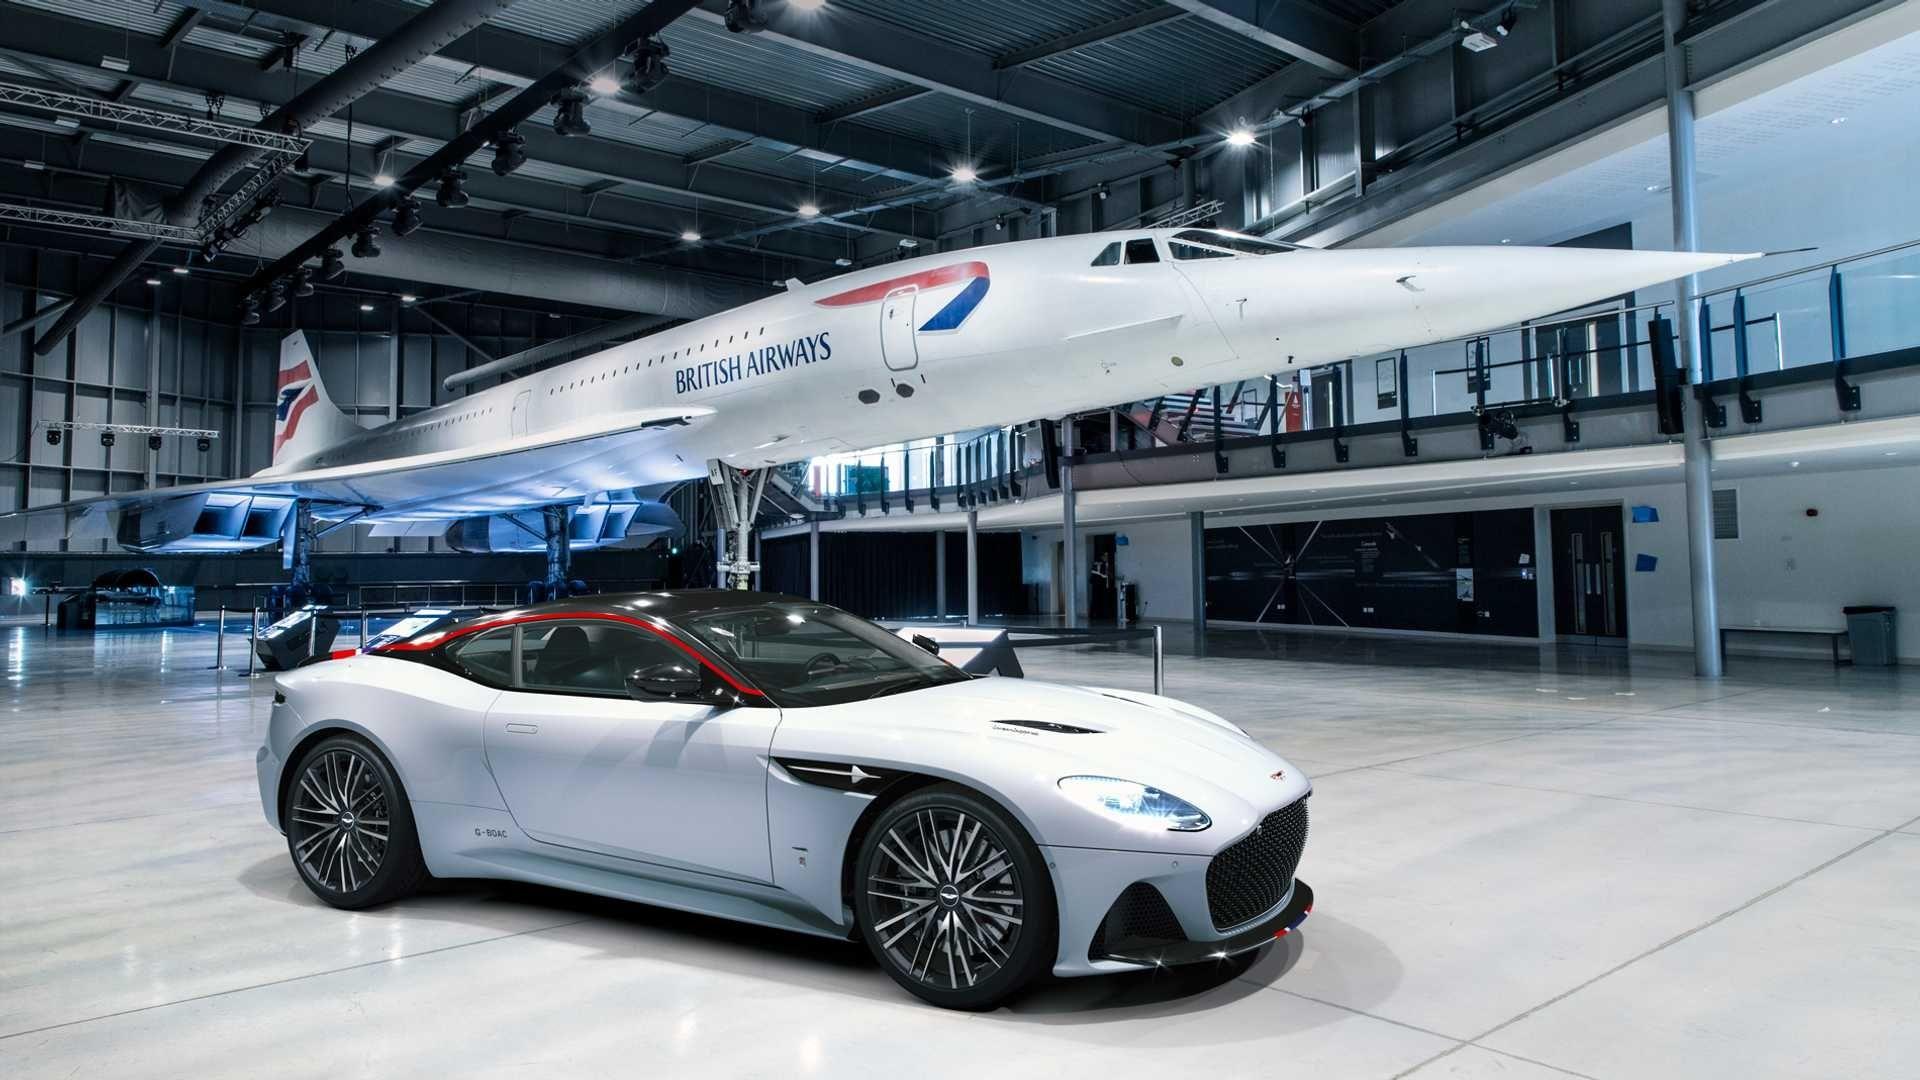 英国航空将联手阿斯顿·马丁推出超音速跑车,限量10辆